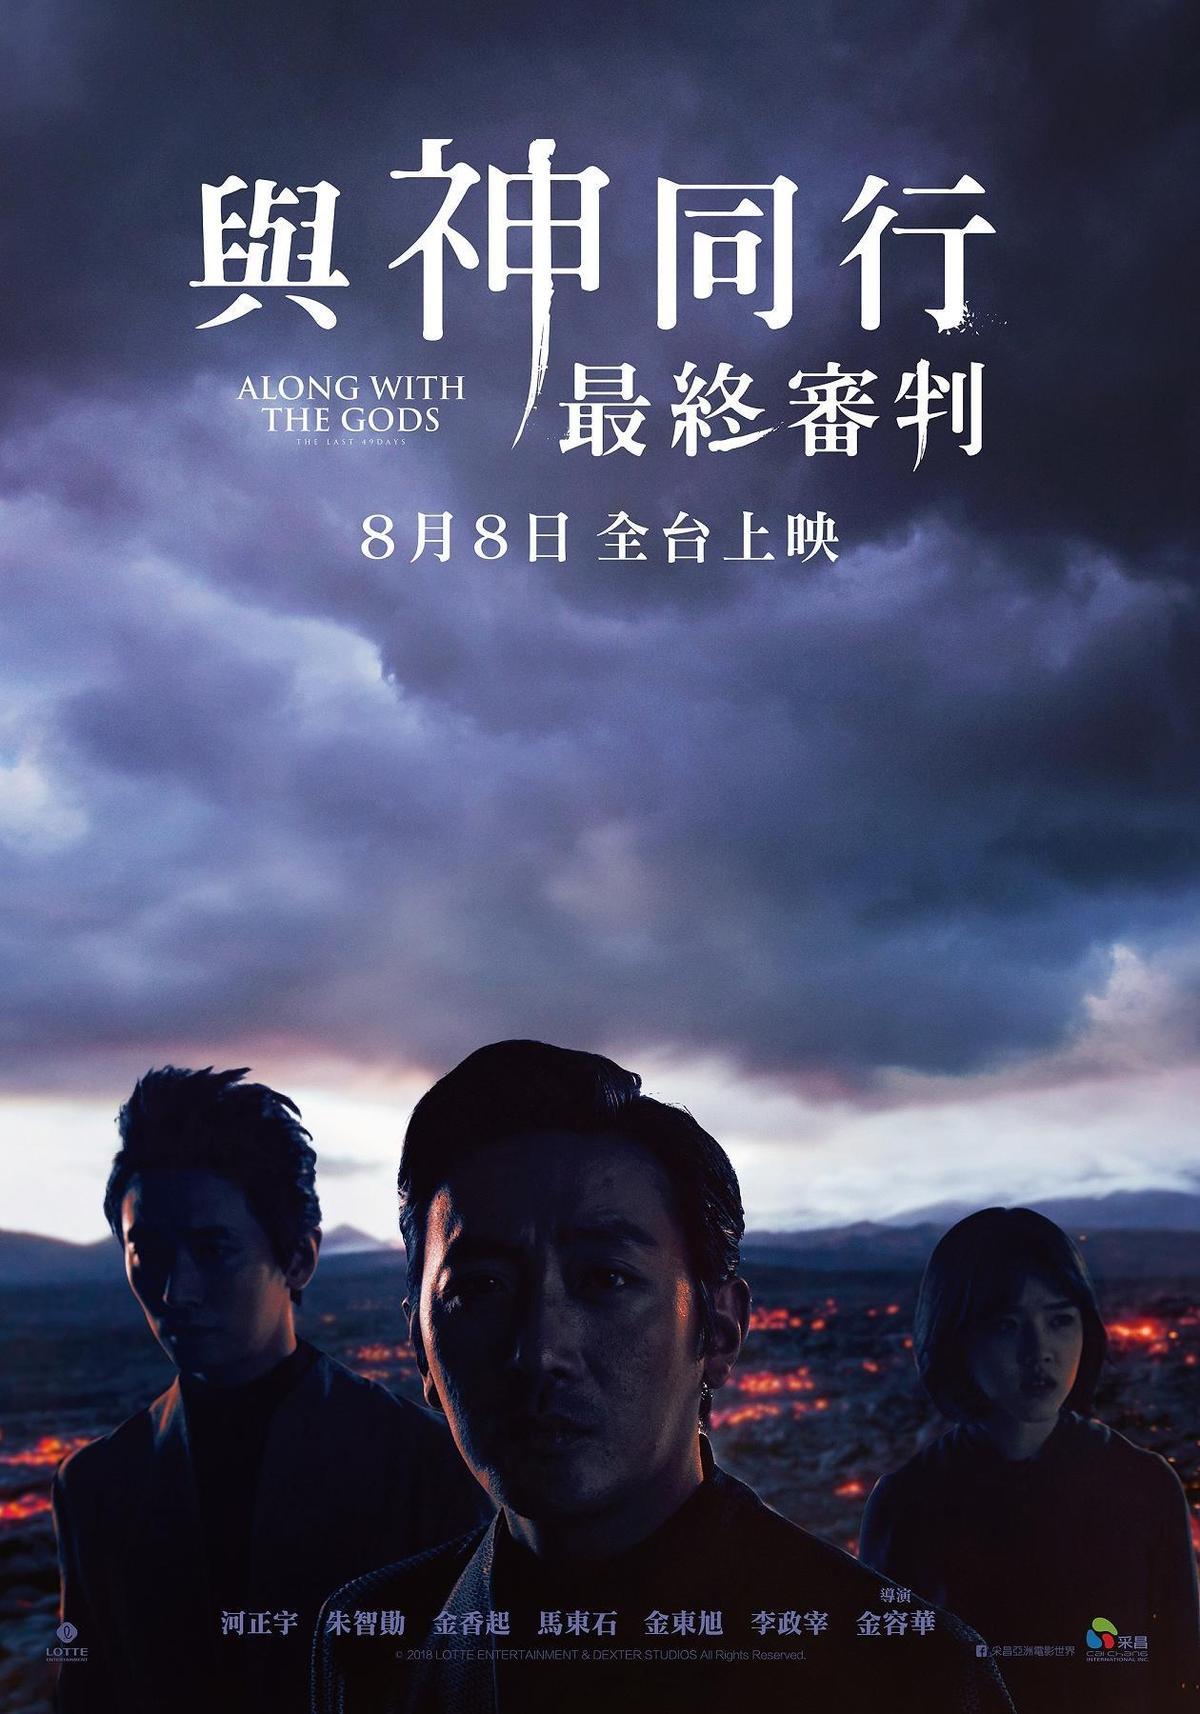 台灣影史最賣座韓片《與神同行》續集《與神同行:最終審判》將在8月8日父親節於全台上映。(采昌提供)